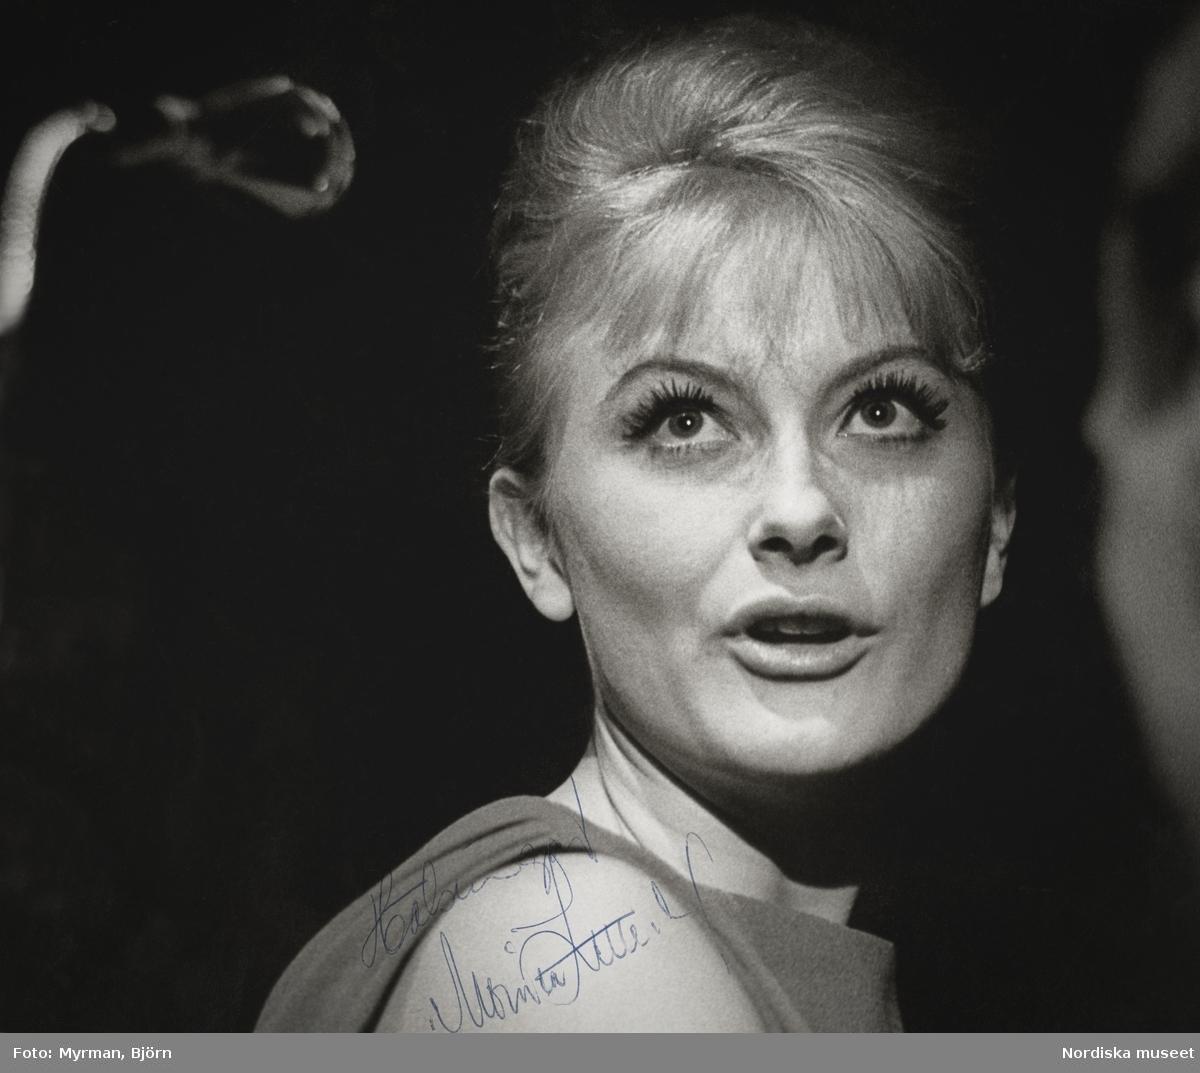 """Porträtt av sångerskan Monica Zetterlund (1937-2005), signerat """"Hälsningar Monica Zetterlund""""."""